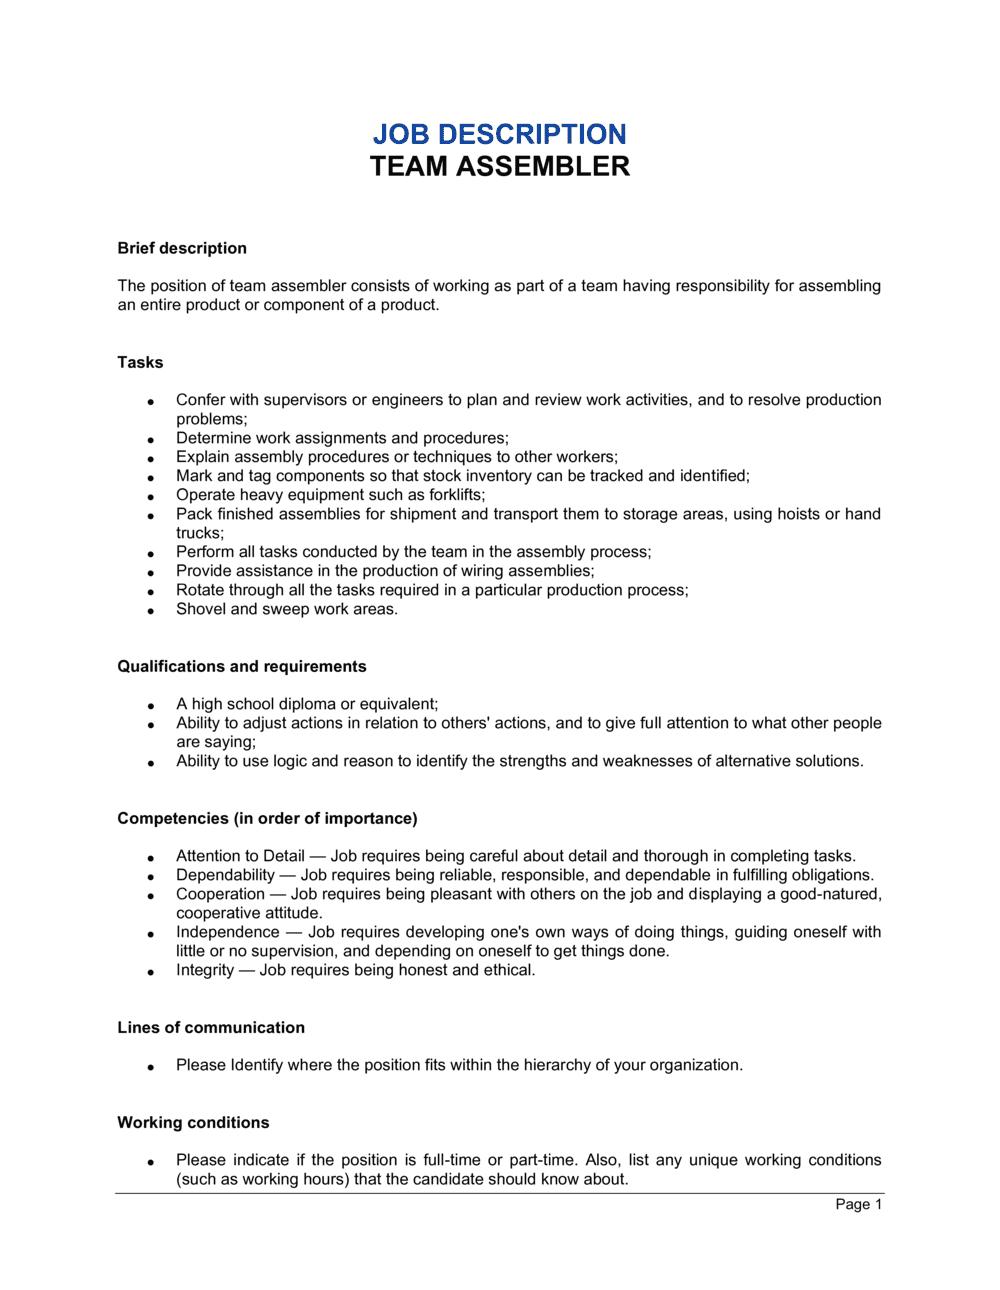 Business-in-a-Box's Team Assembler Job Description Template